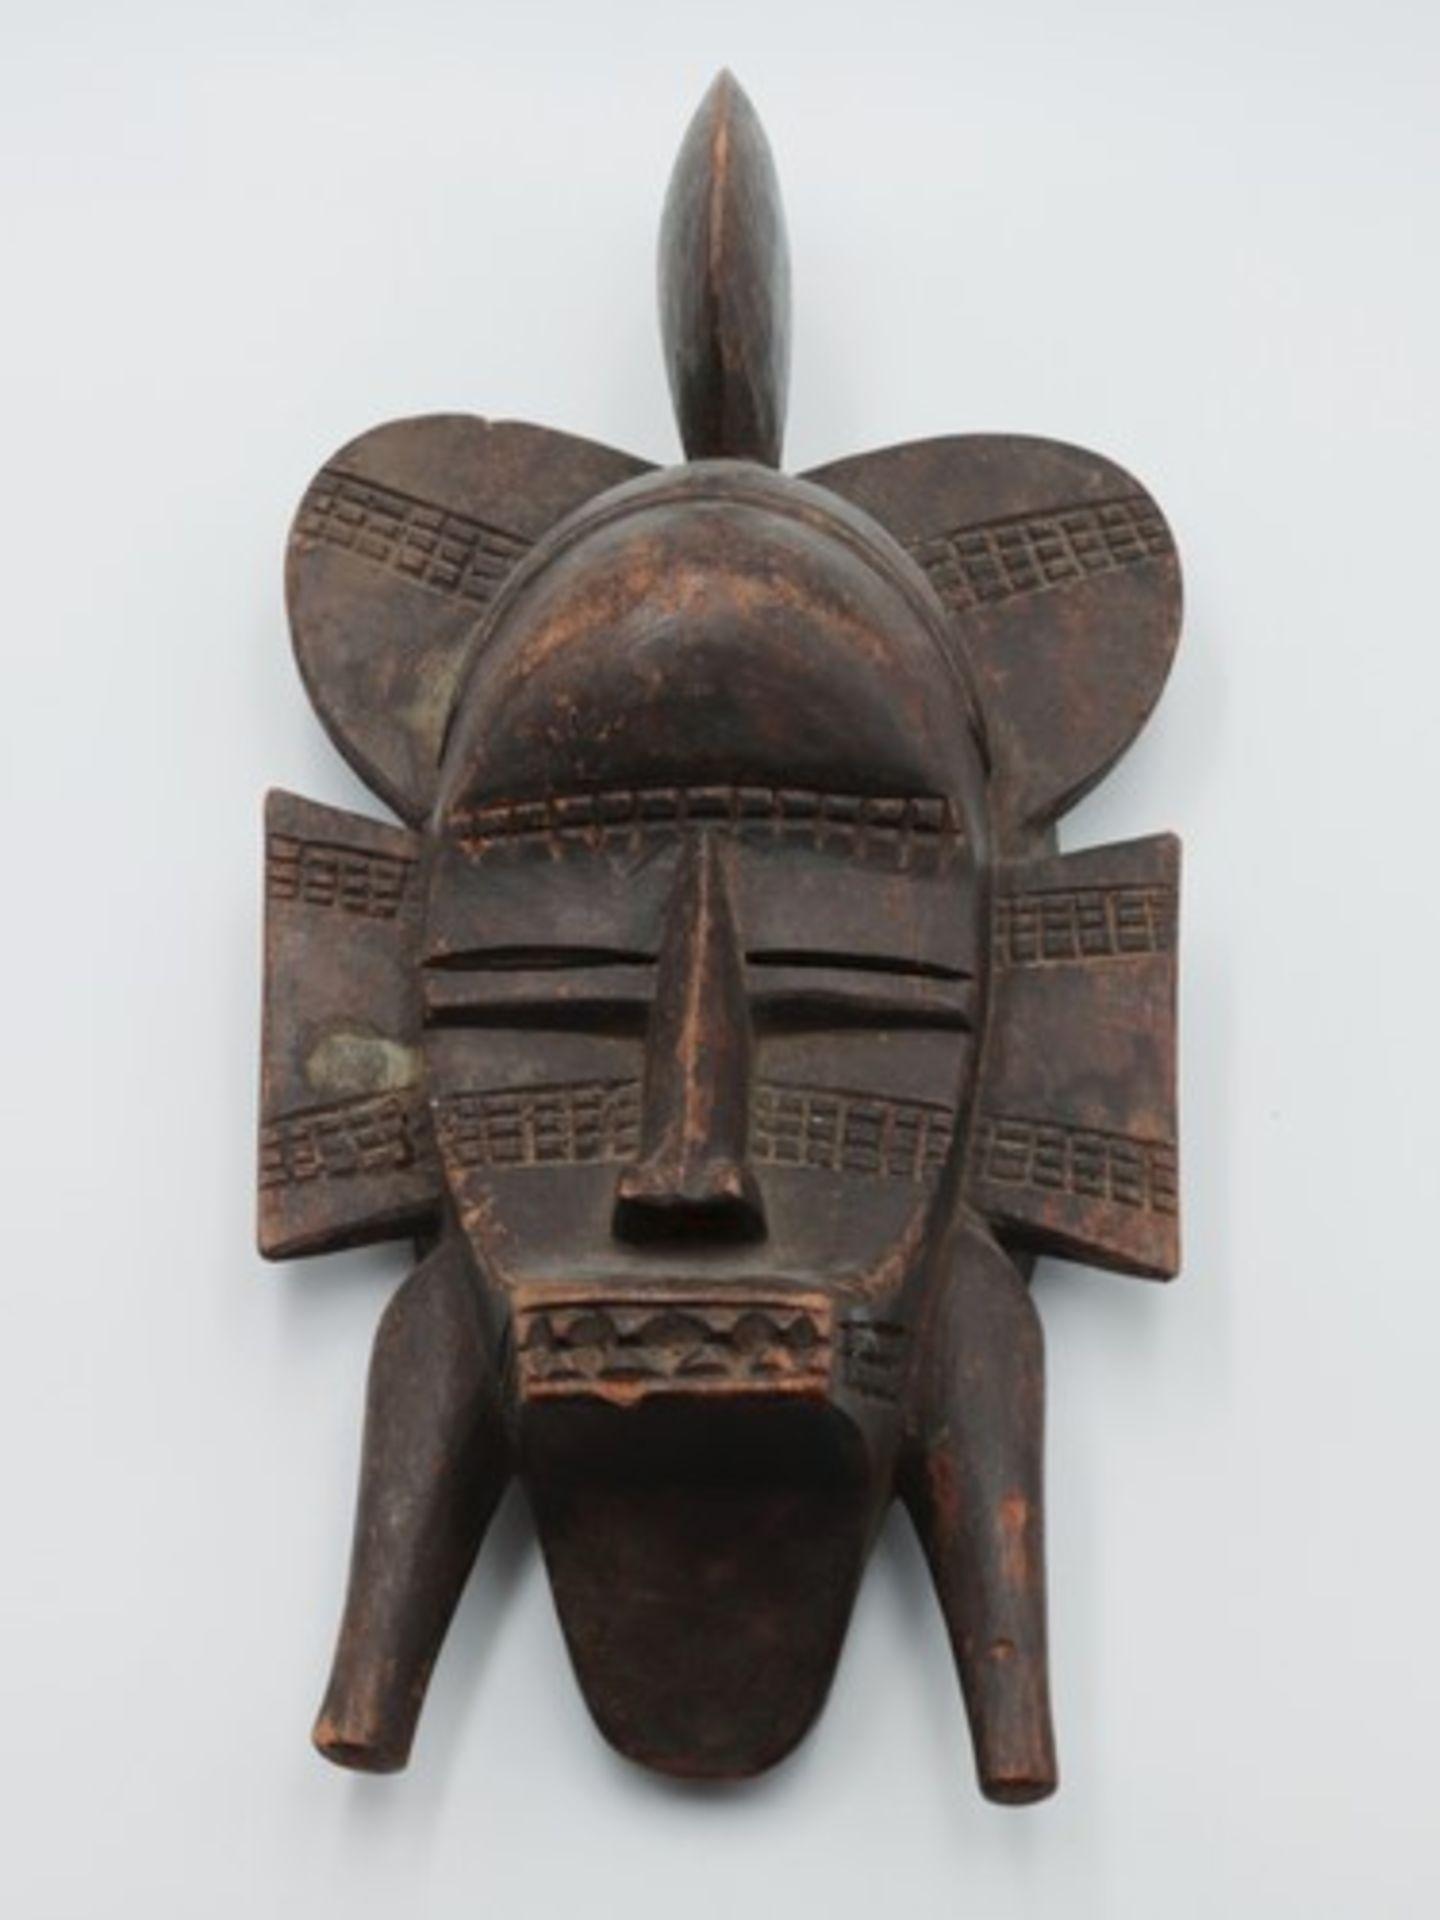 Los 1858 - Maske20.Jh., Elfenbeinküste, vollplastische Holzschnitzerei, wohl Tropenholz, Gesicht m. schmalen